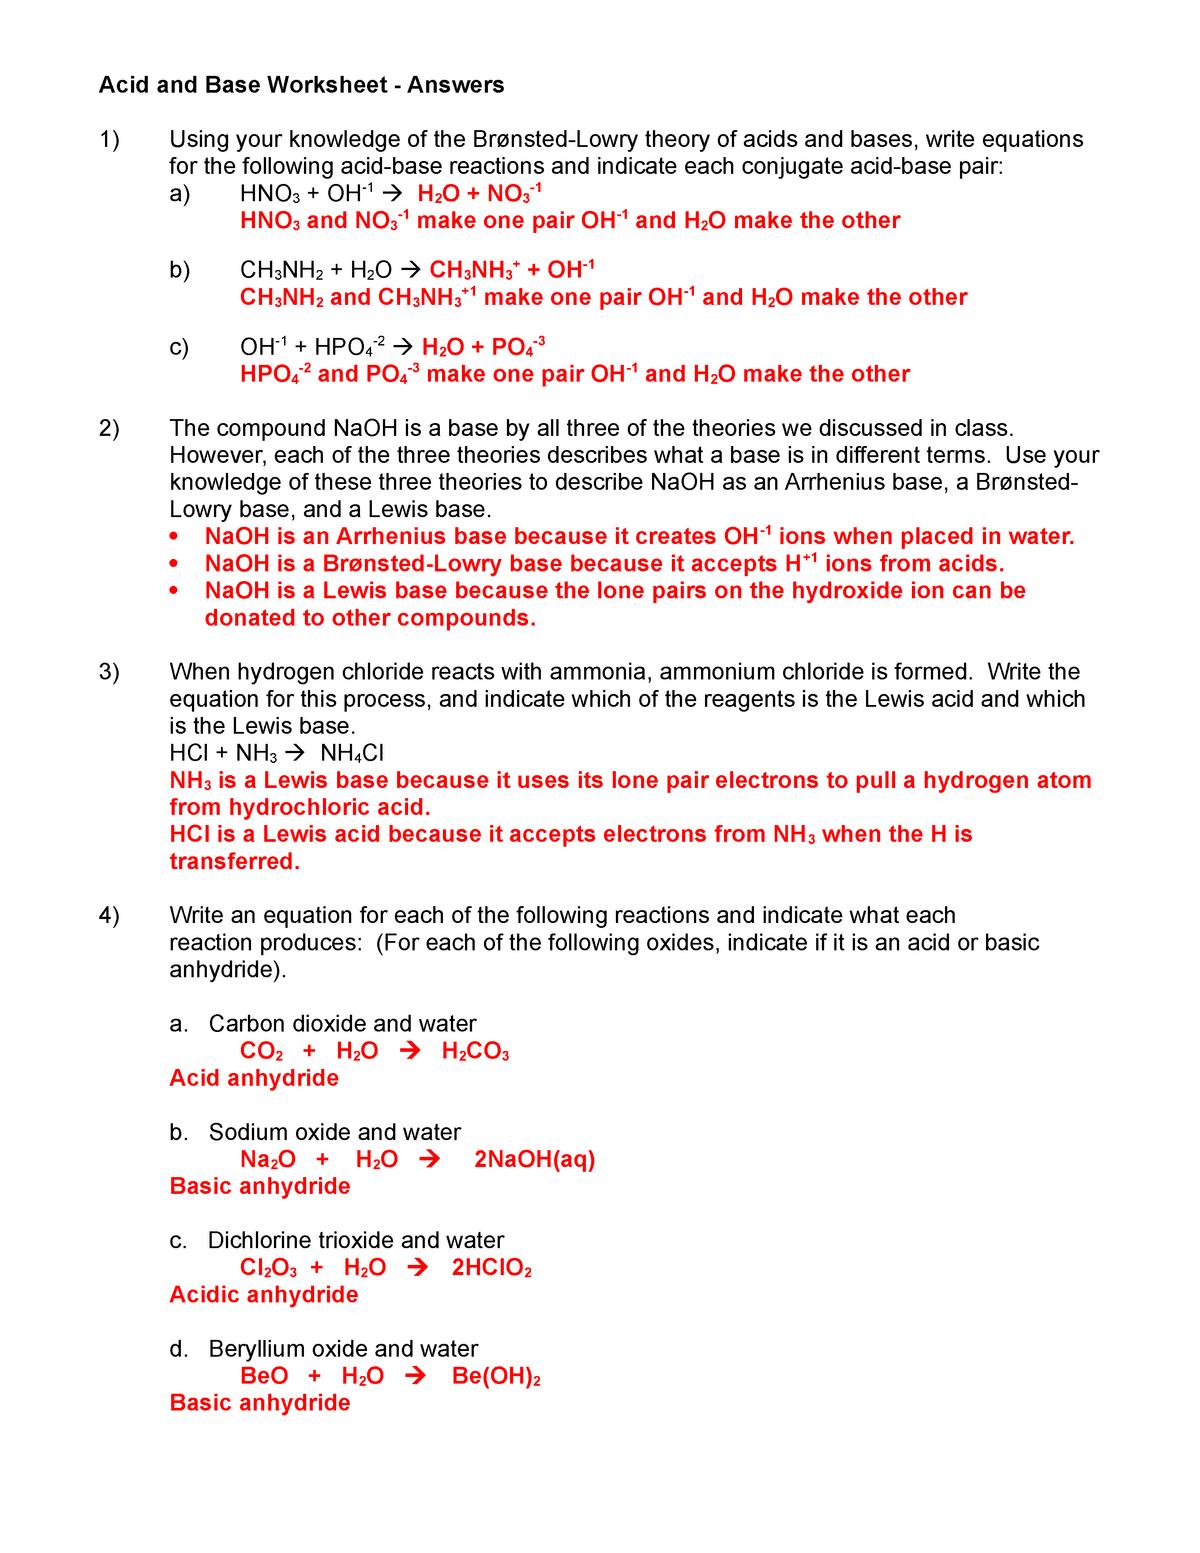 Acid and Base Worksheet 1 07 08 ans key   BUS K 201   StuDocu